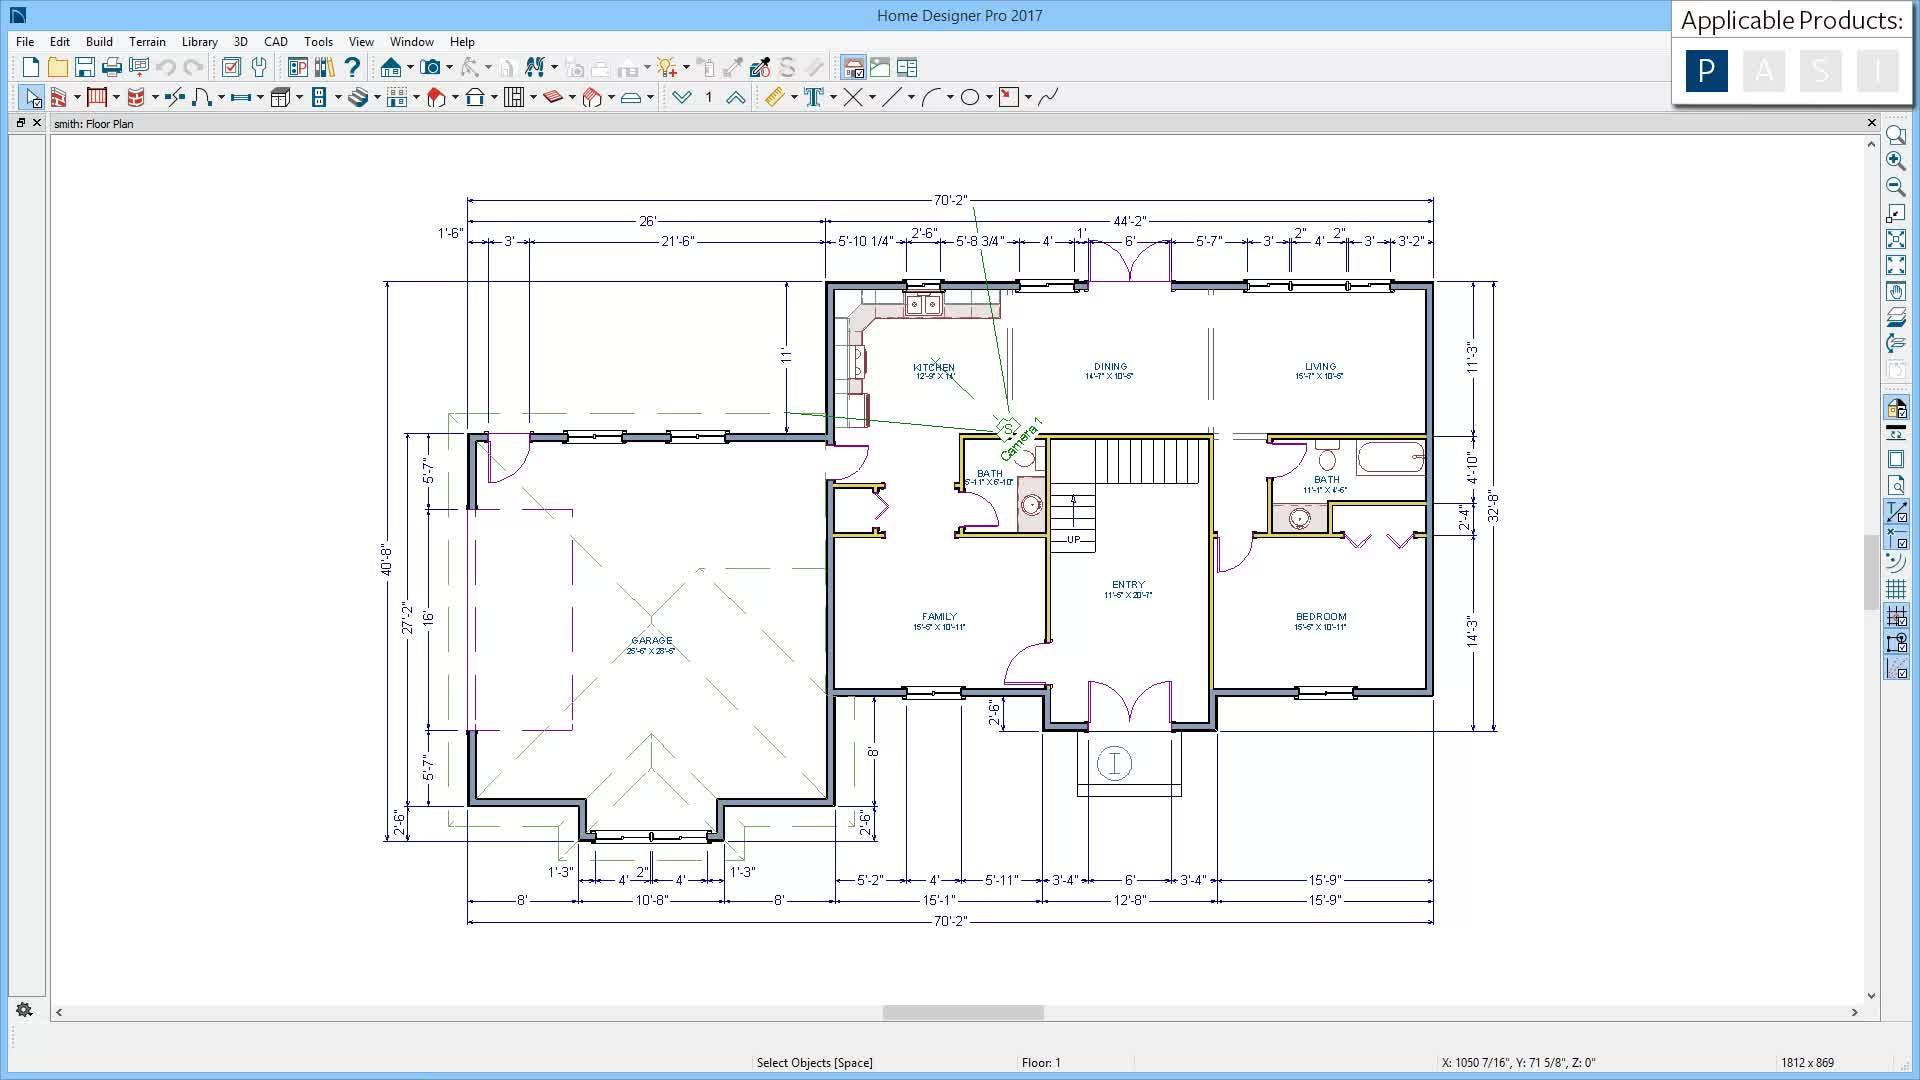 Printing in Home Designer Pro